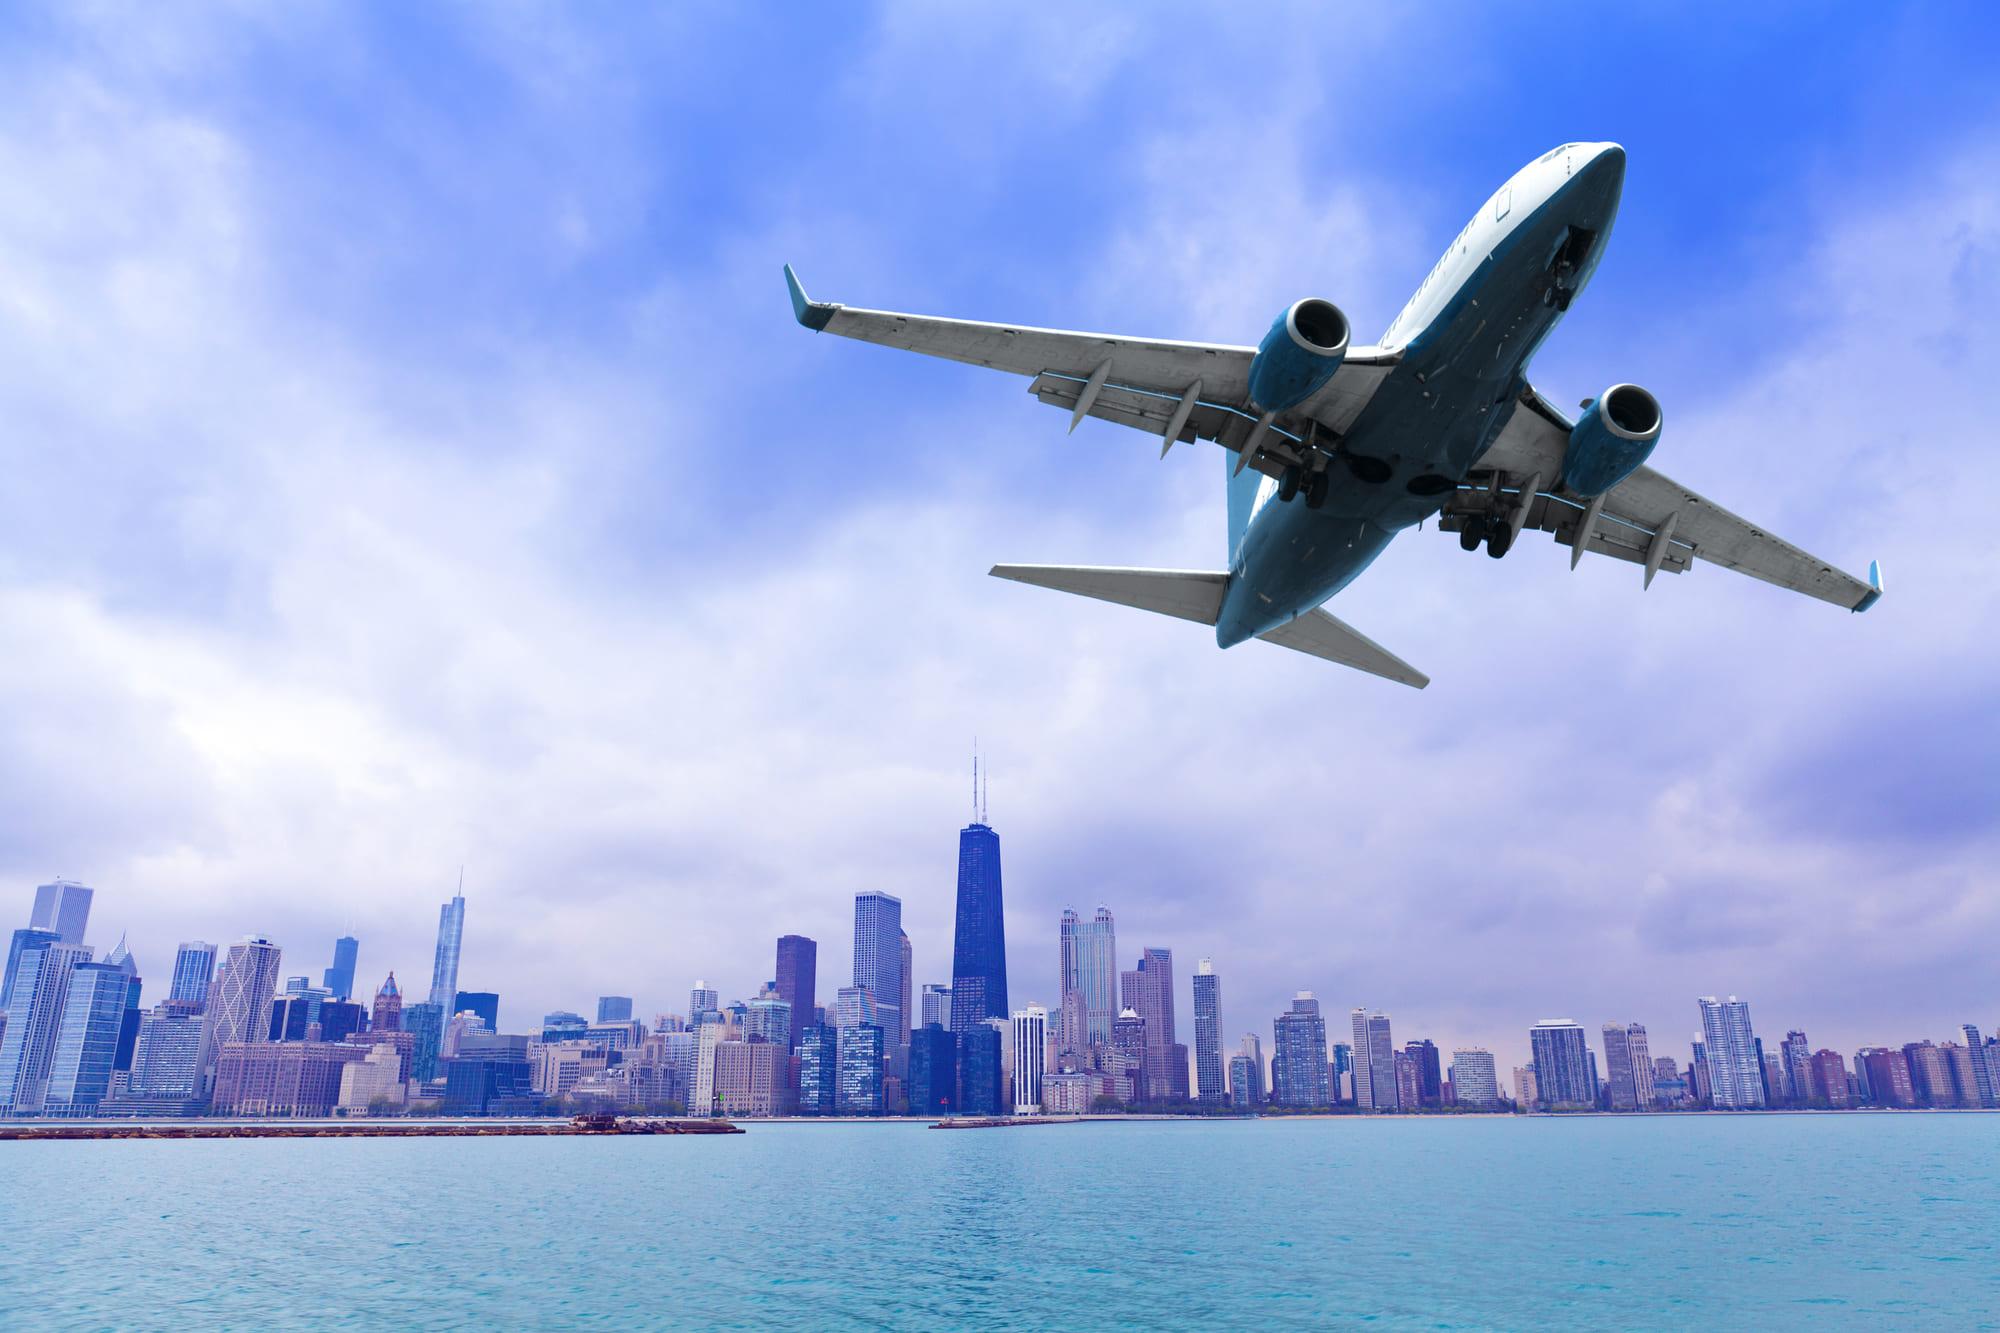 ביטוח לטיסה